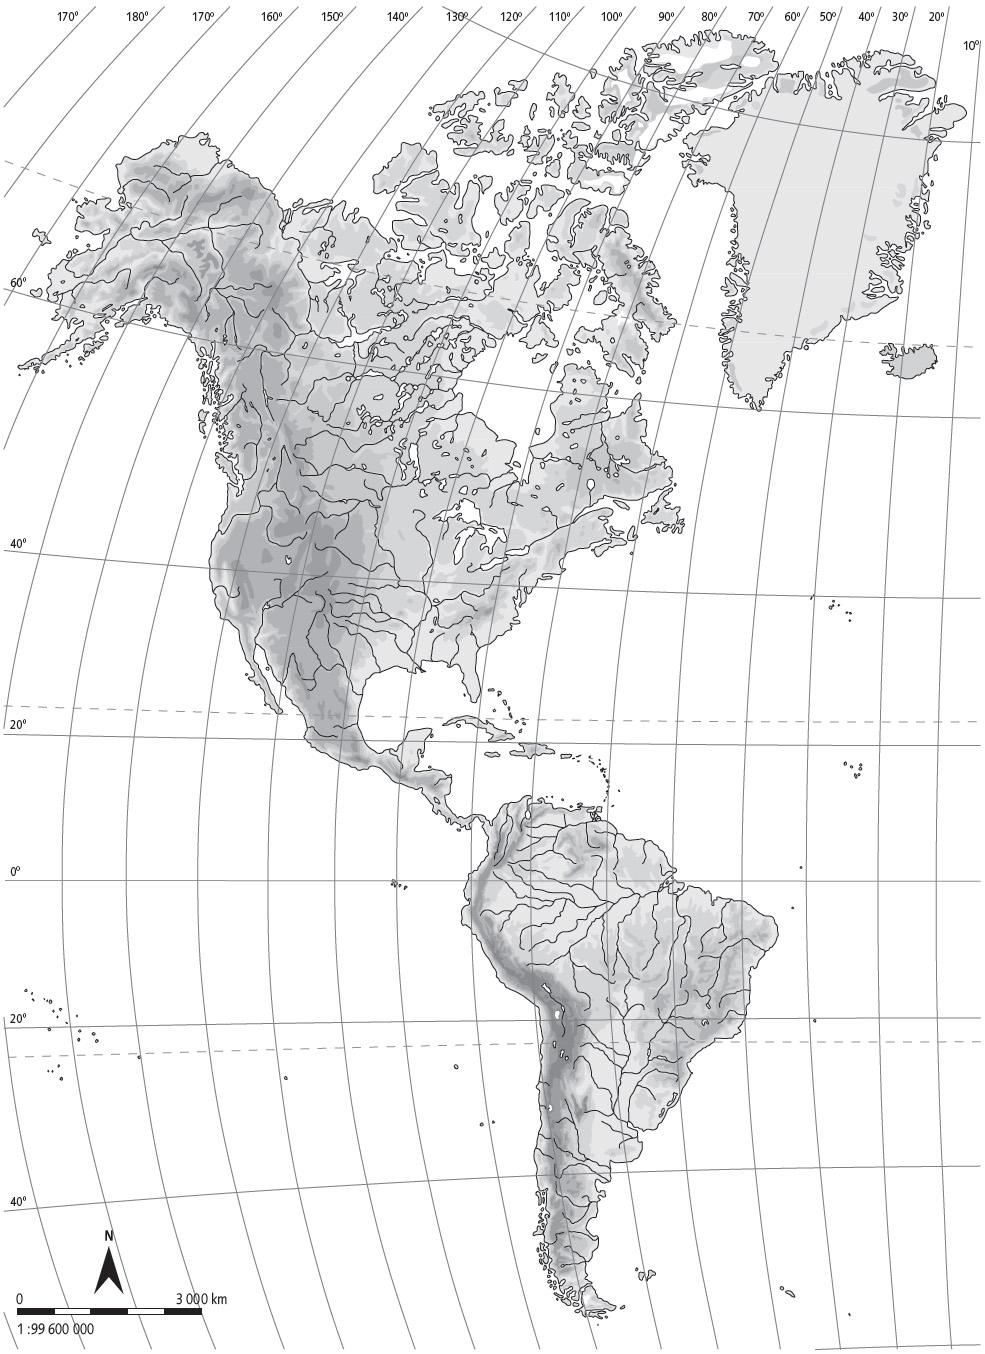 Mapa Fisico De America Mudo.Juegos De Geografia Juego De Mapa Fisico De America